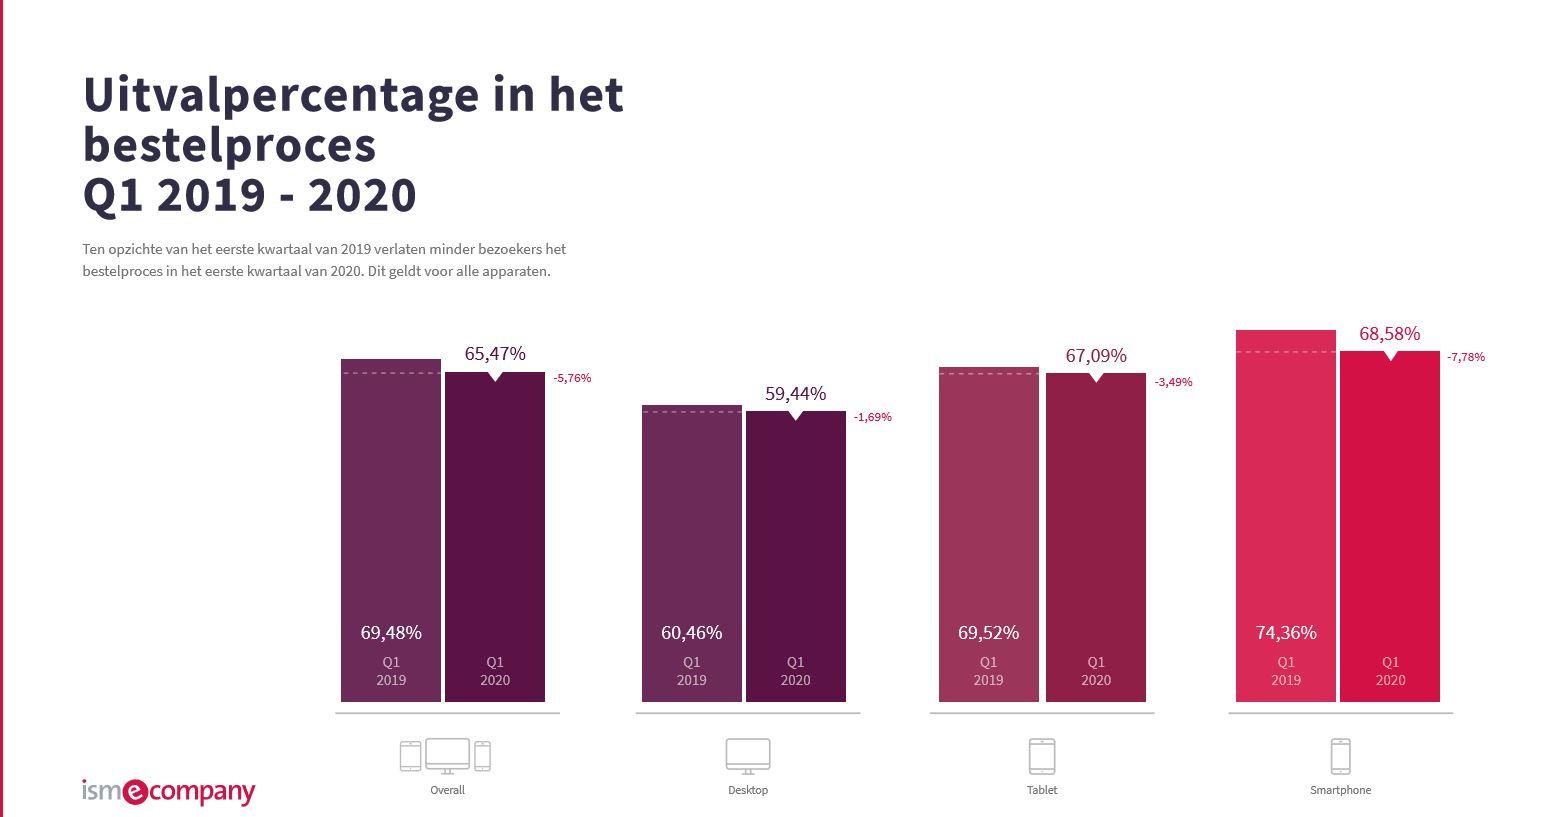 Uitvalpercentage Q1 2020